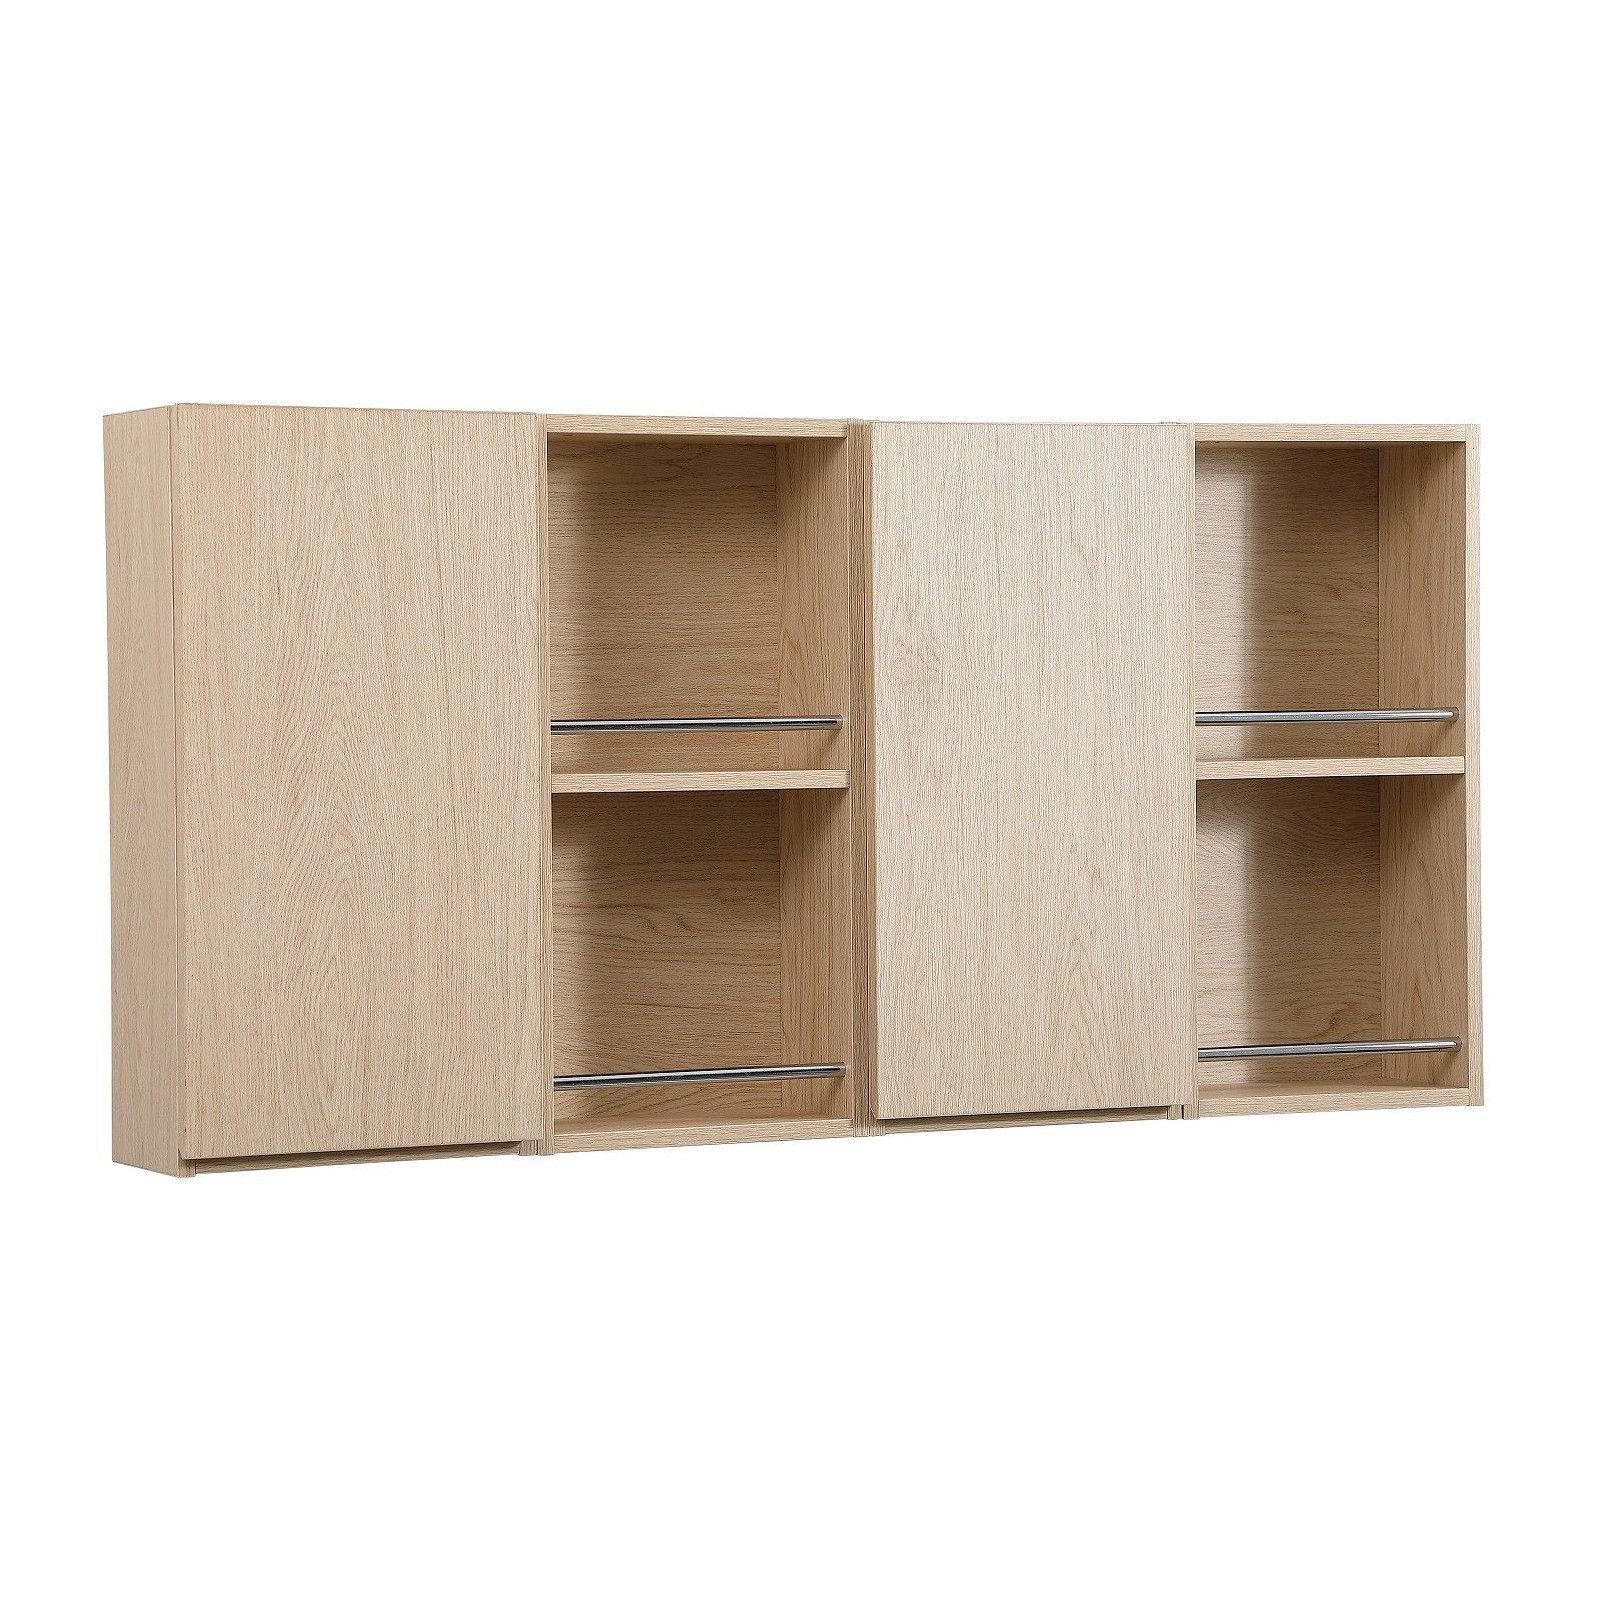 meuble de rangement suspendu will meuble haut salle de bain 1 porte decor chene ou blanc laque